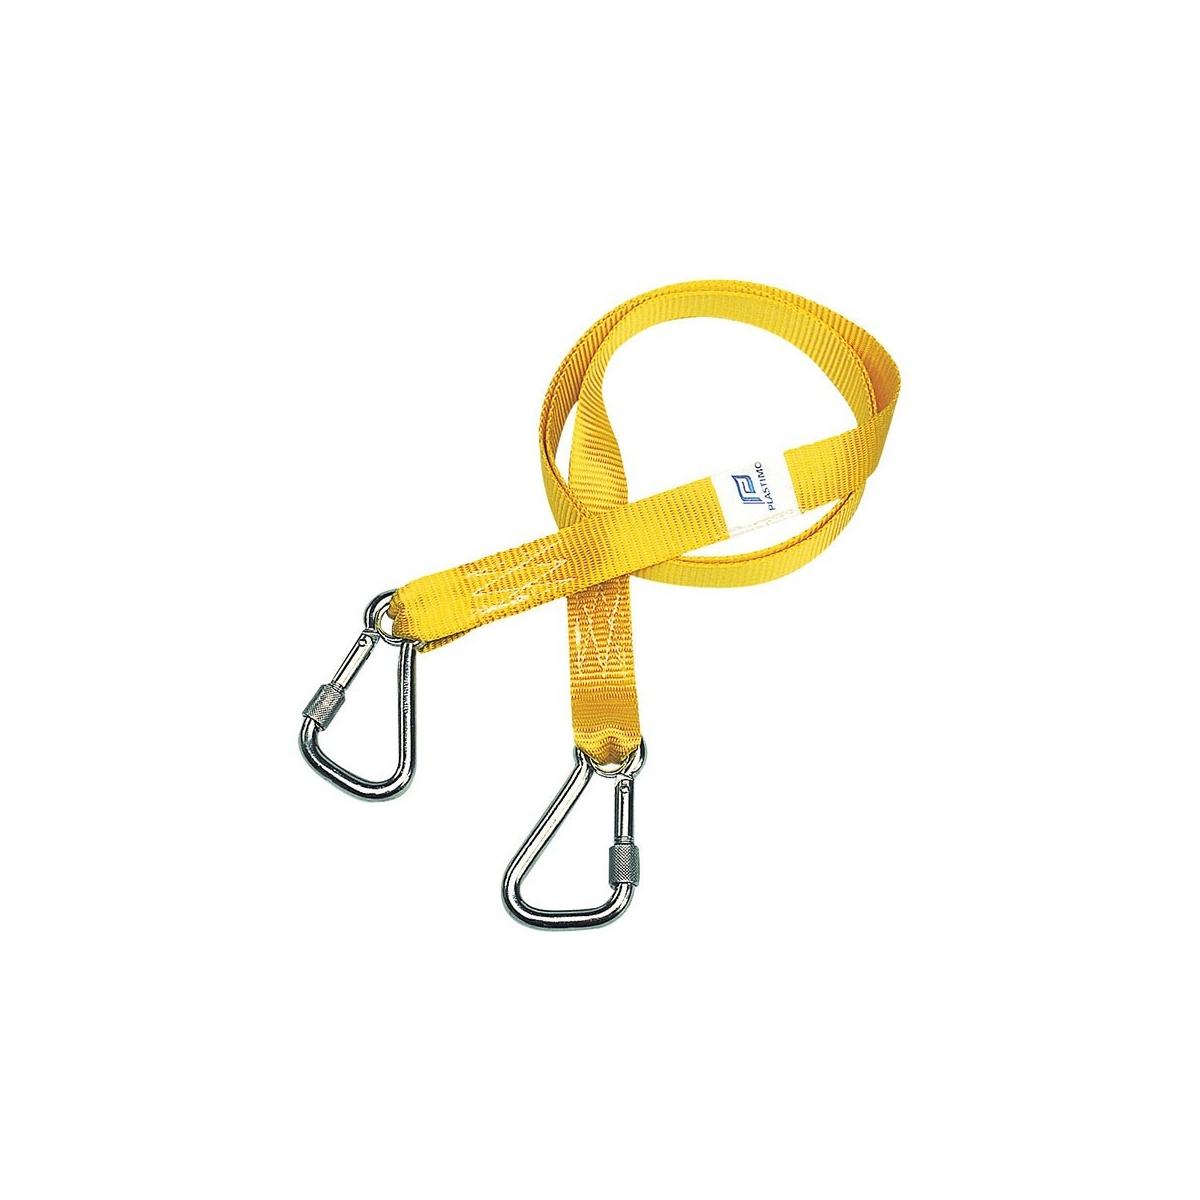 Tethers ISO, screw-type hooks